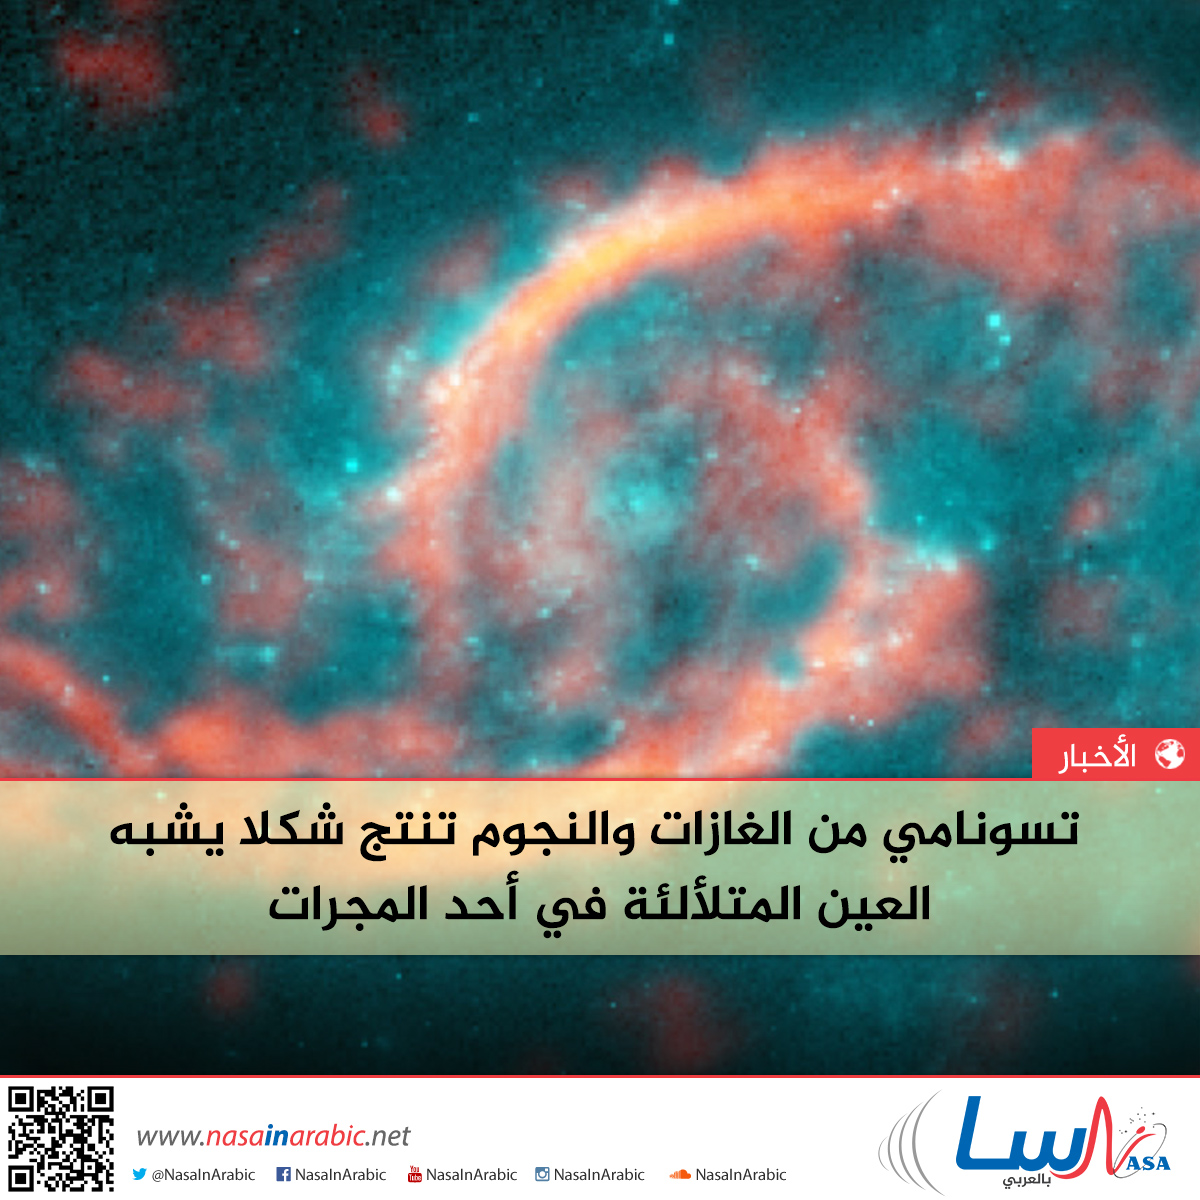 تسونامي من الغازات والنجوم ينتج شكلاً يشبه العين المتلألئة في إحدى المجرات